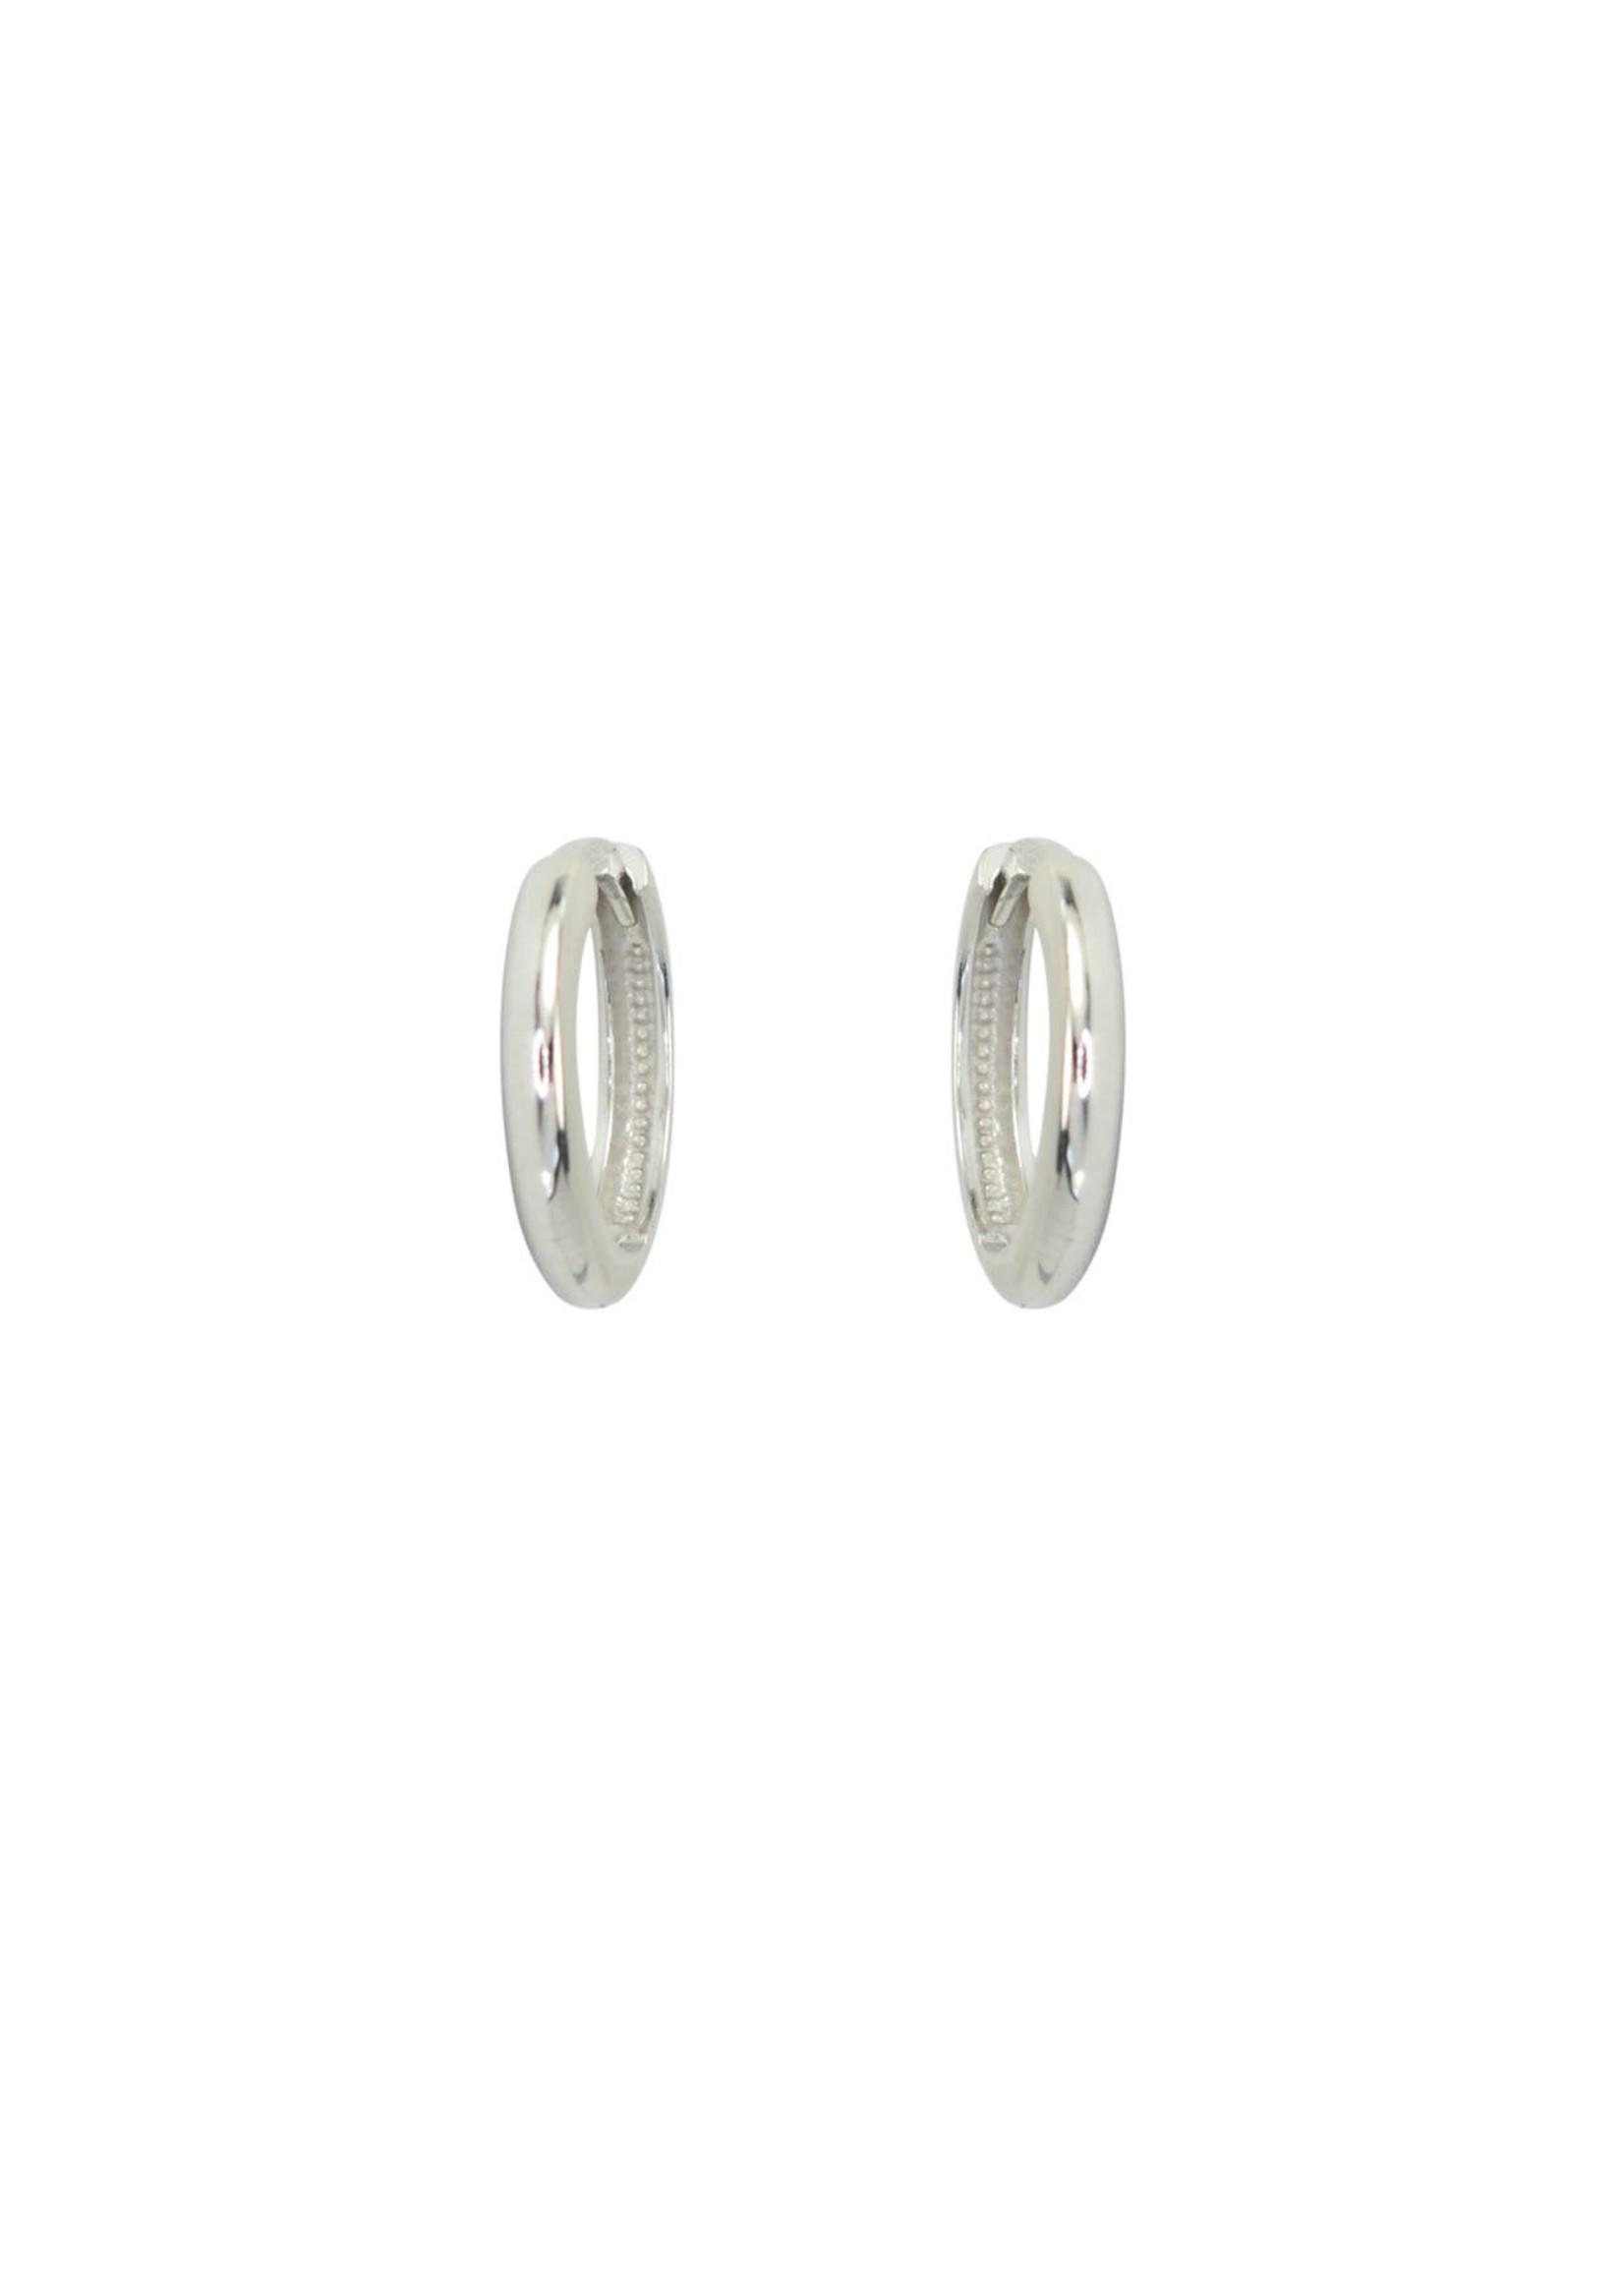 PARÉ Boucles d'oreilles Huggies Or blanc 10K